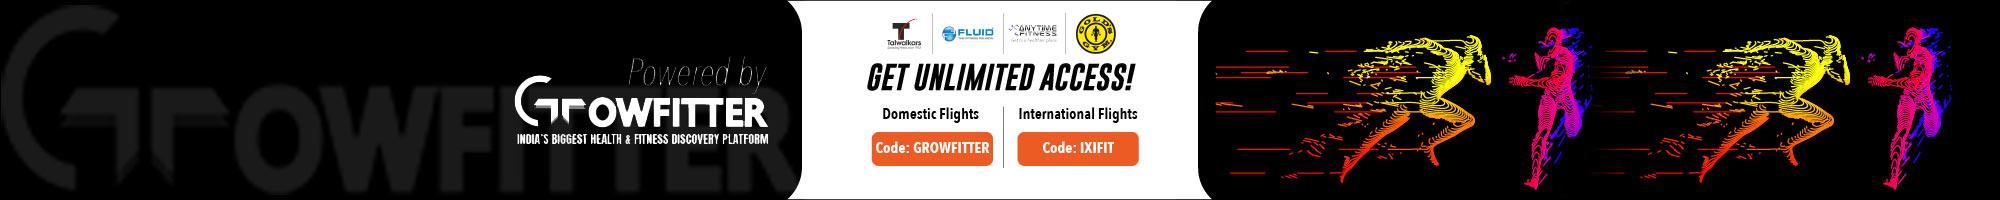 ixigo Offers, Coupons, Latest ixigo Offers in June 2019 : ixigo com